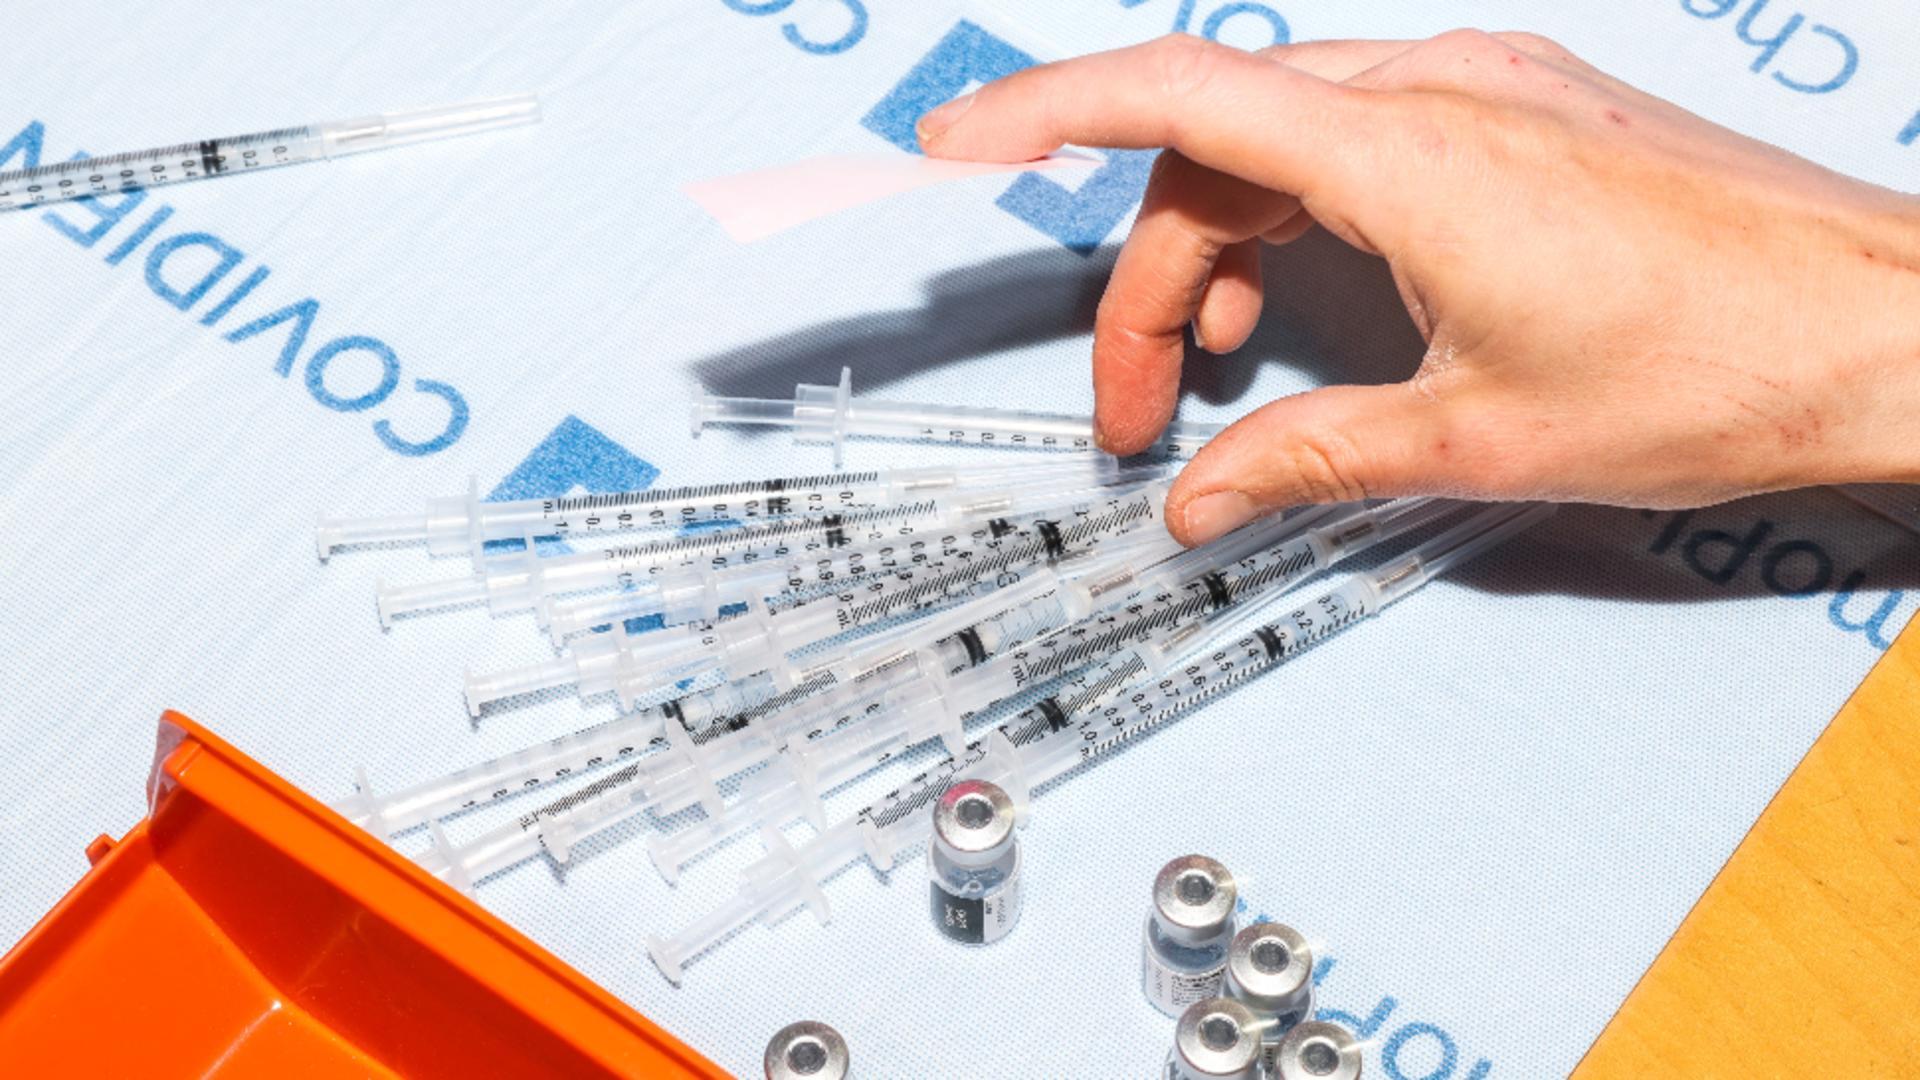 Persoanele care s-au vaccinat cu două doze de ser anti-COVID pot descărca adeverința de vaccinare, în format electronic / Foto: Profi Media